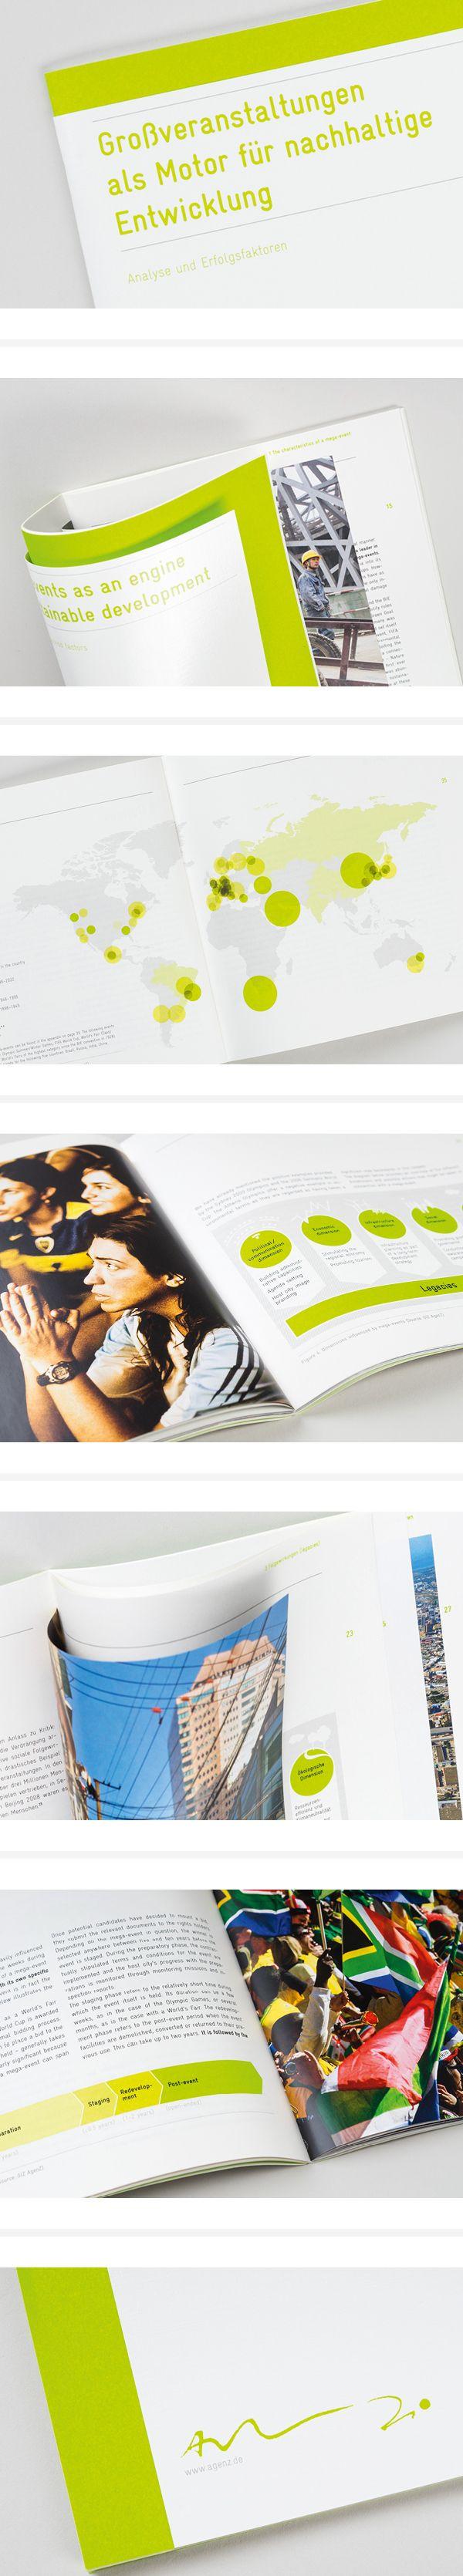 """Broschüre """"Großveranstaltungen als Motor für nachhaltige Entwicklung"""", entwickelt für AgenZ – Agentur für marktorientierte Konzepte. #broschüre #editorialdesign #layout"""